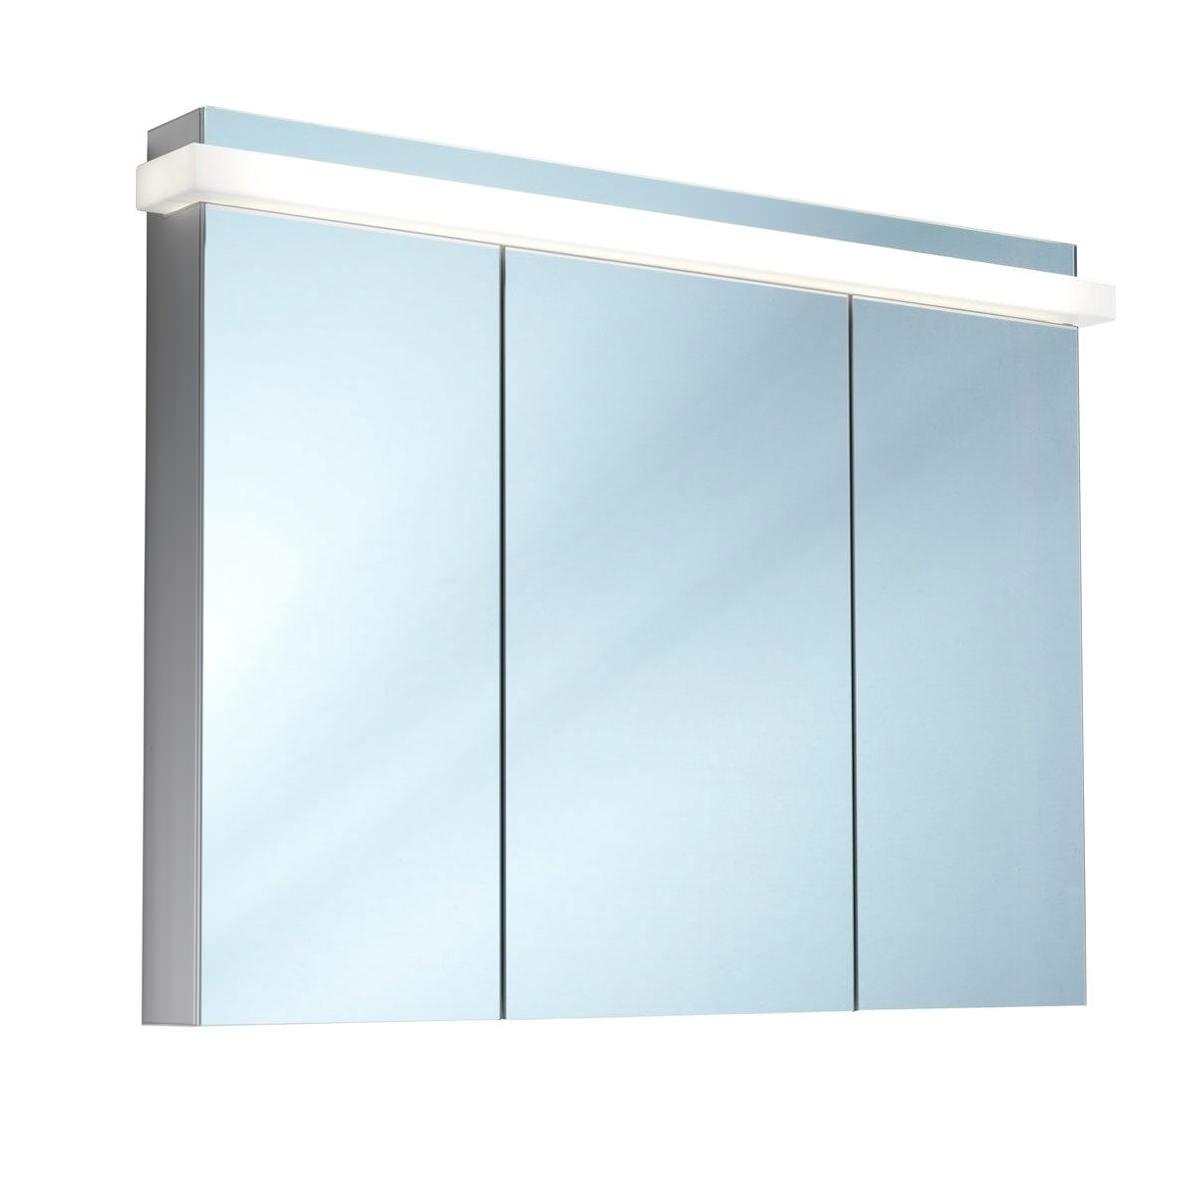 Schneider taikaline 3 door 1300mm mirror cabinet door for Mirrored cabinet doors